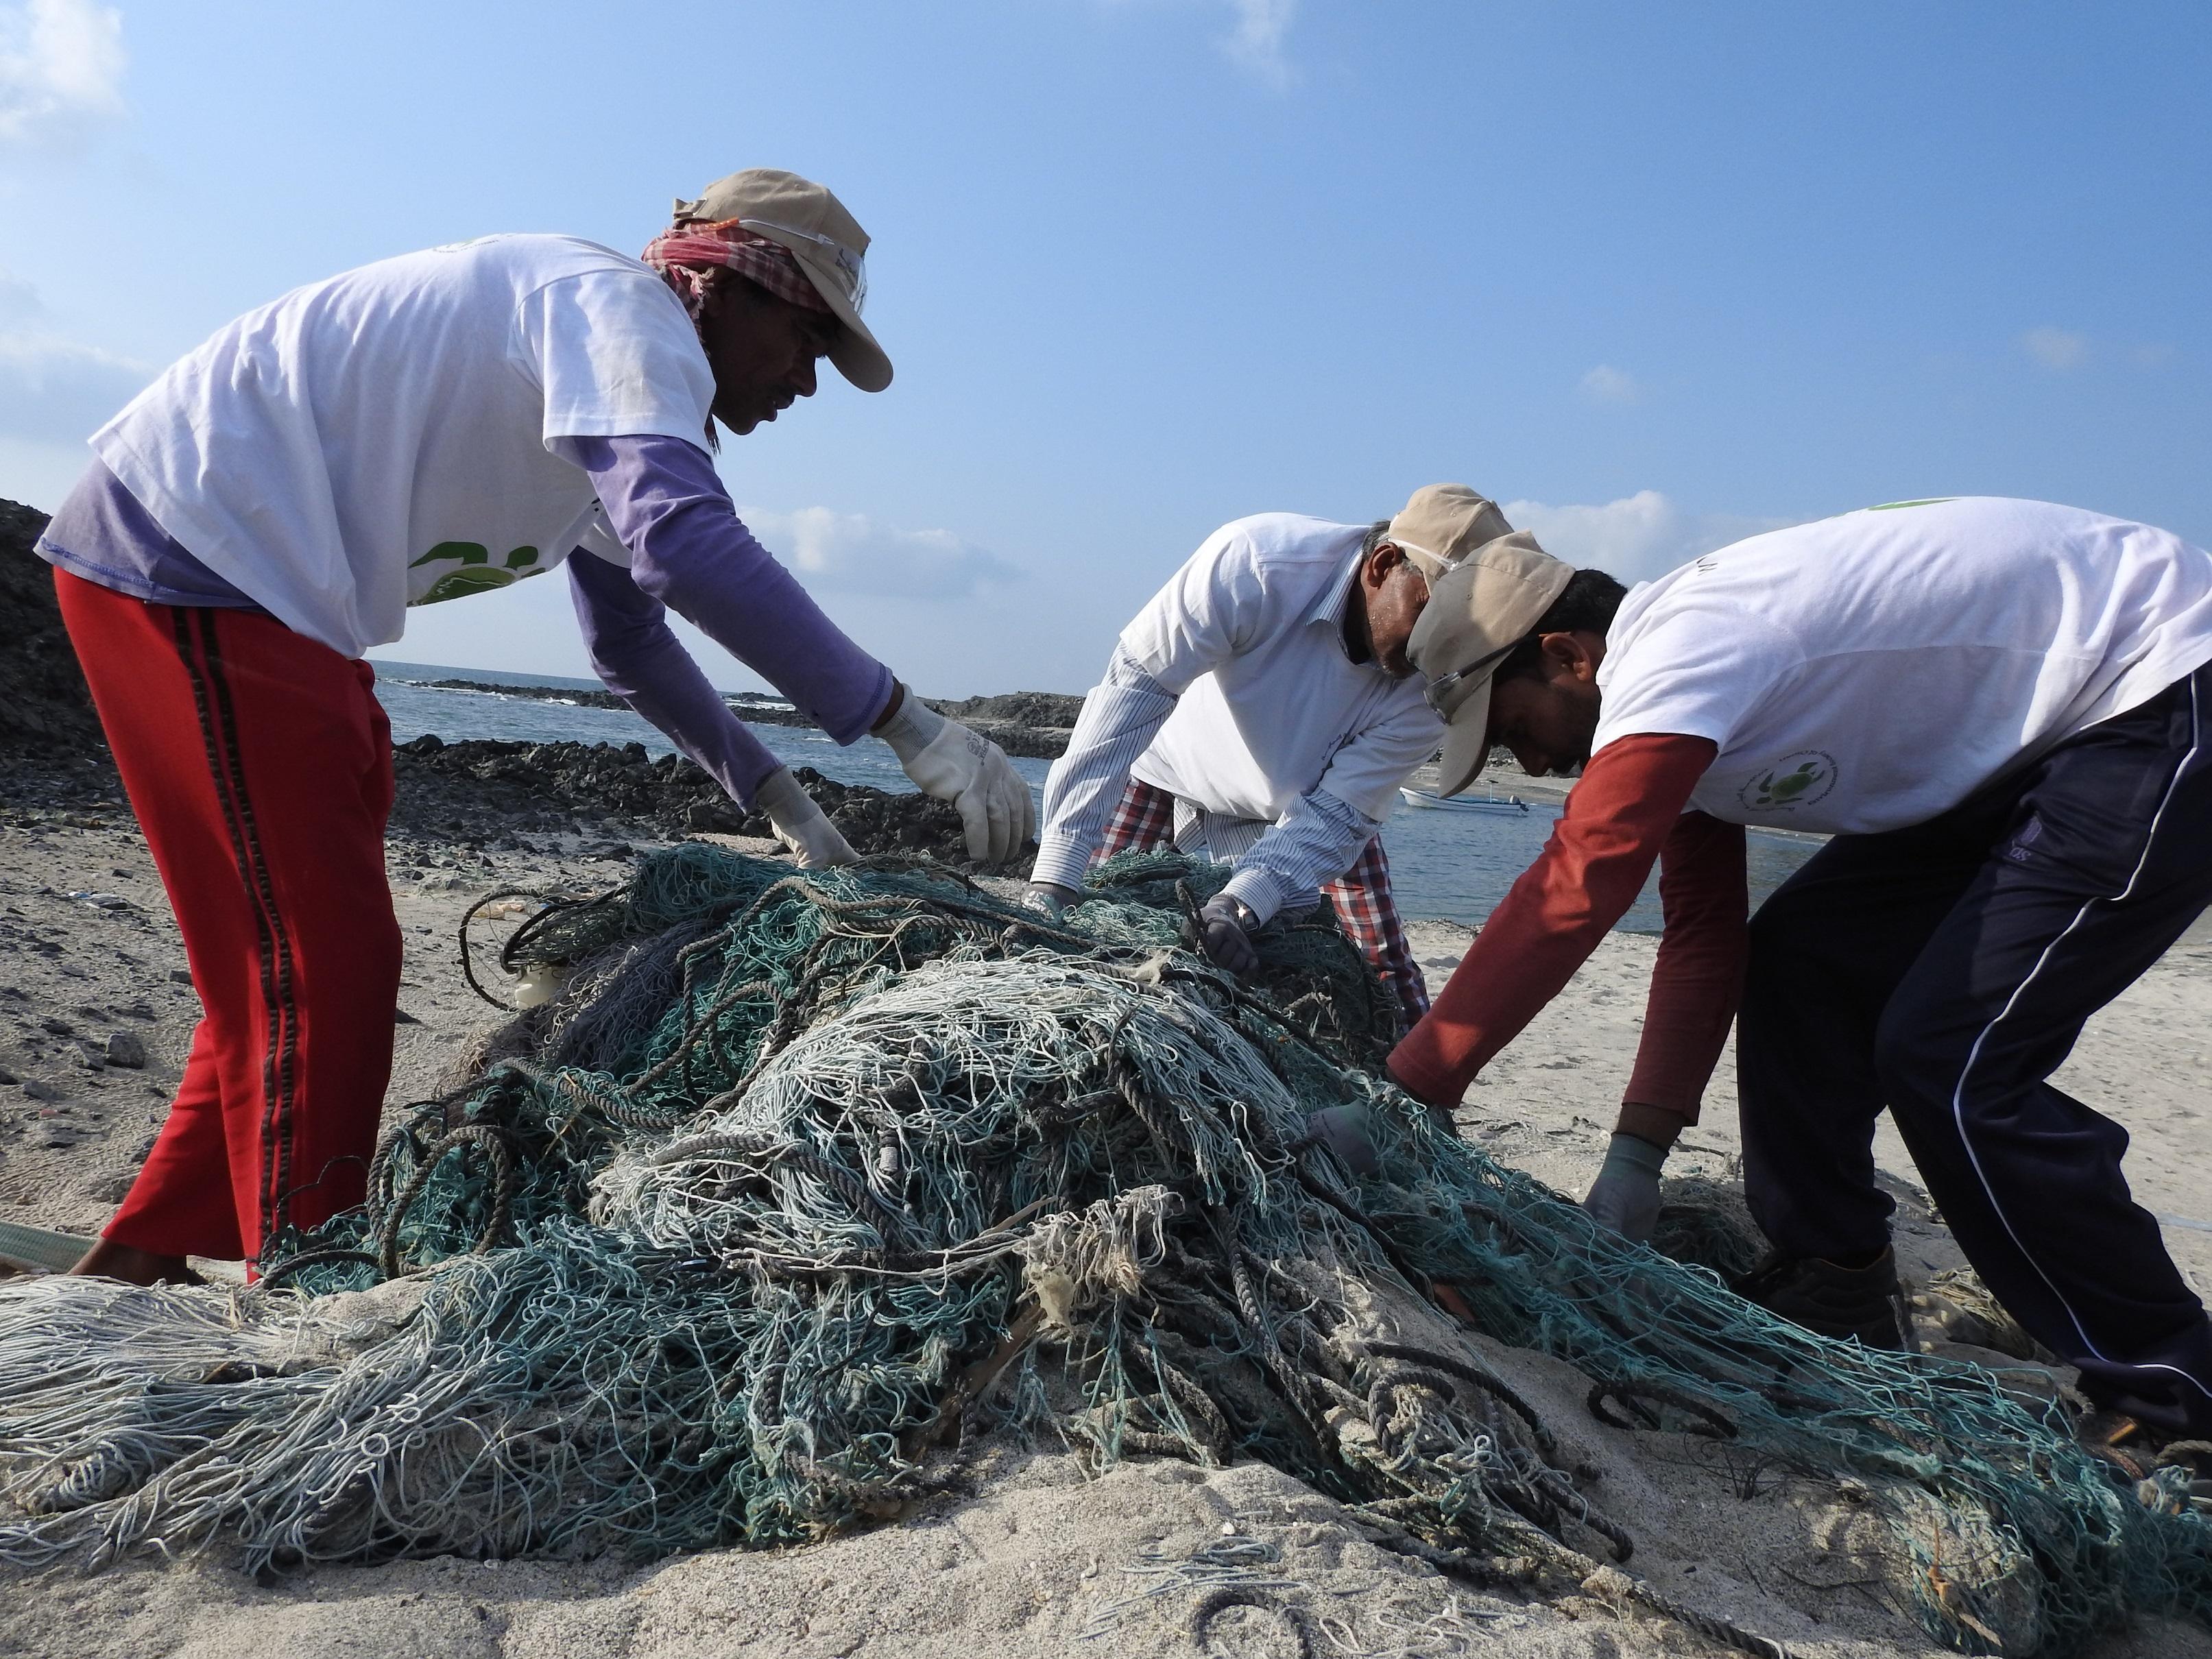 جمعية البيئة العُمانية تفوز بالمنحة الصيفية الأمريكية لاستدامة السلاحف البحرية